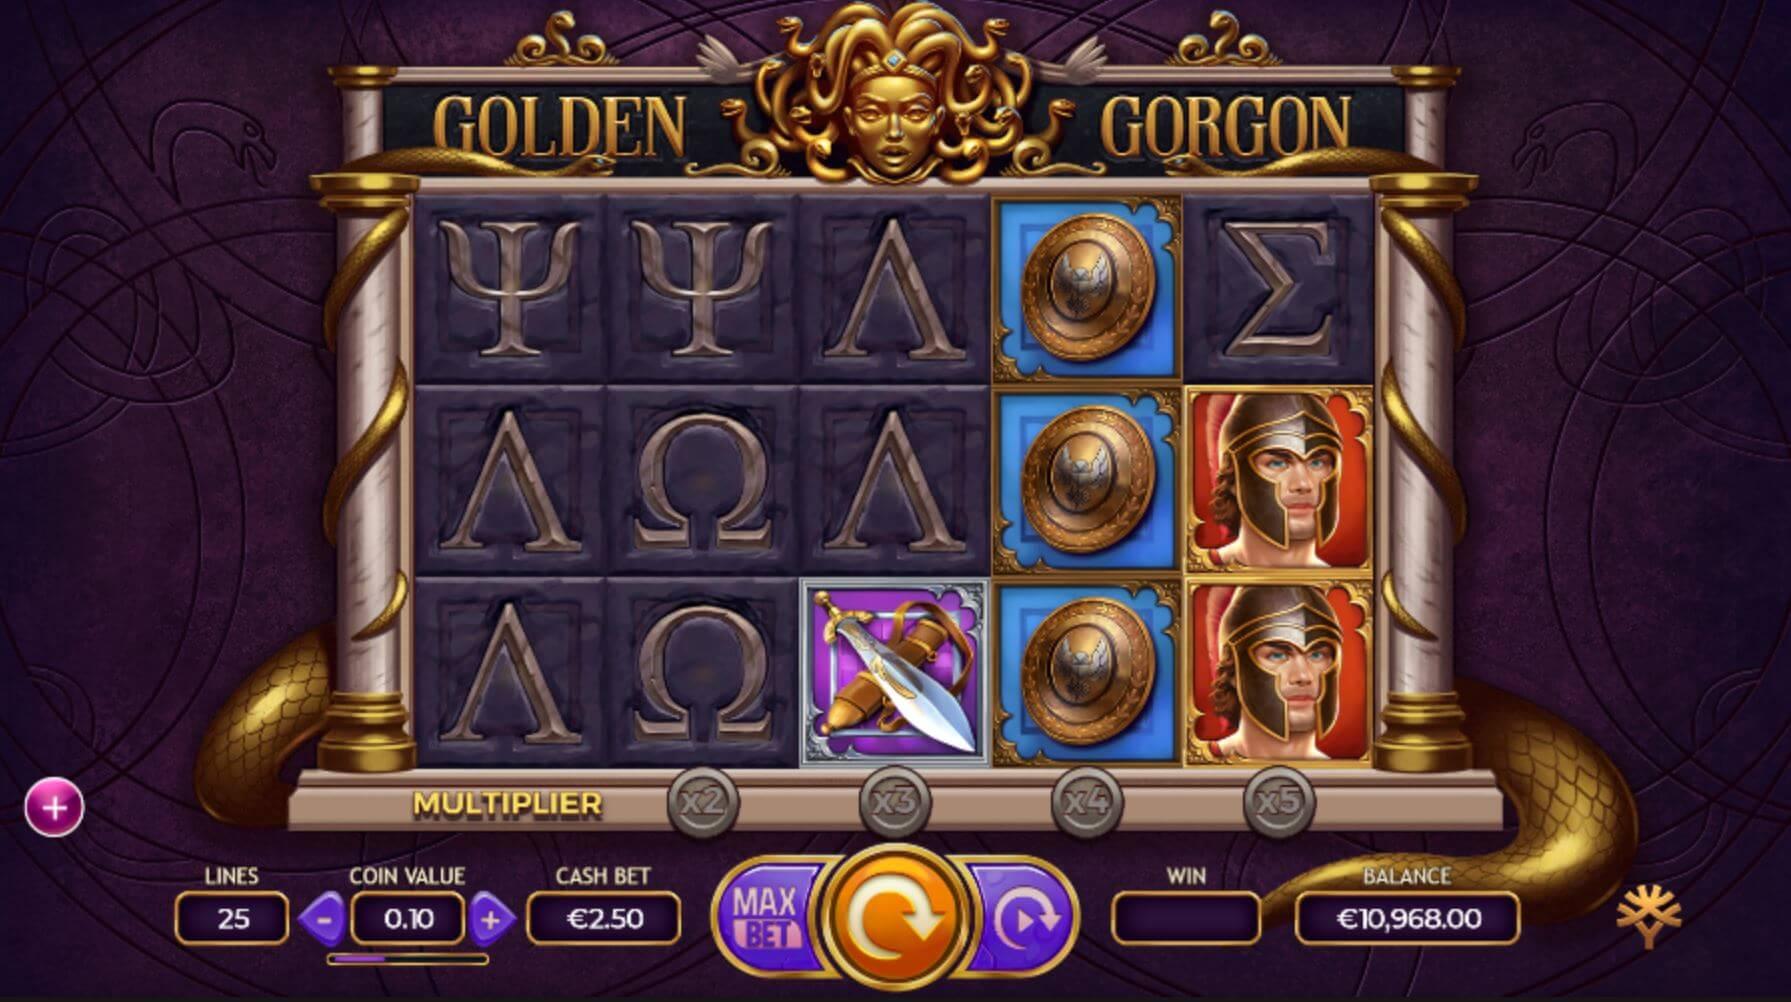 Golden Gorgon Basegame